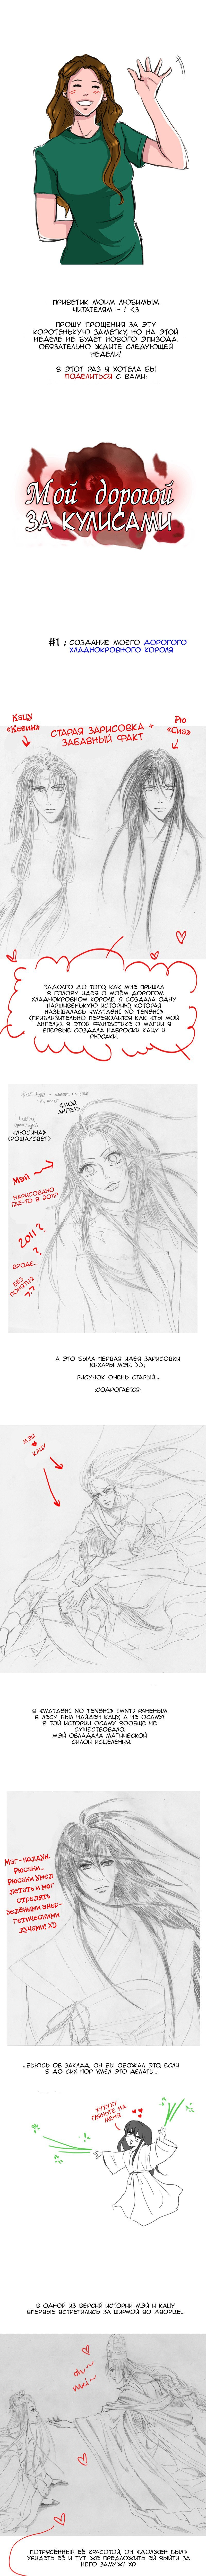 Манга Мой дорогой хладнокровный король - Глава 76 Страница 1